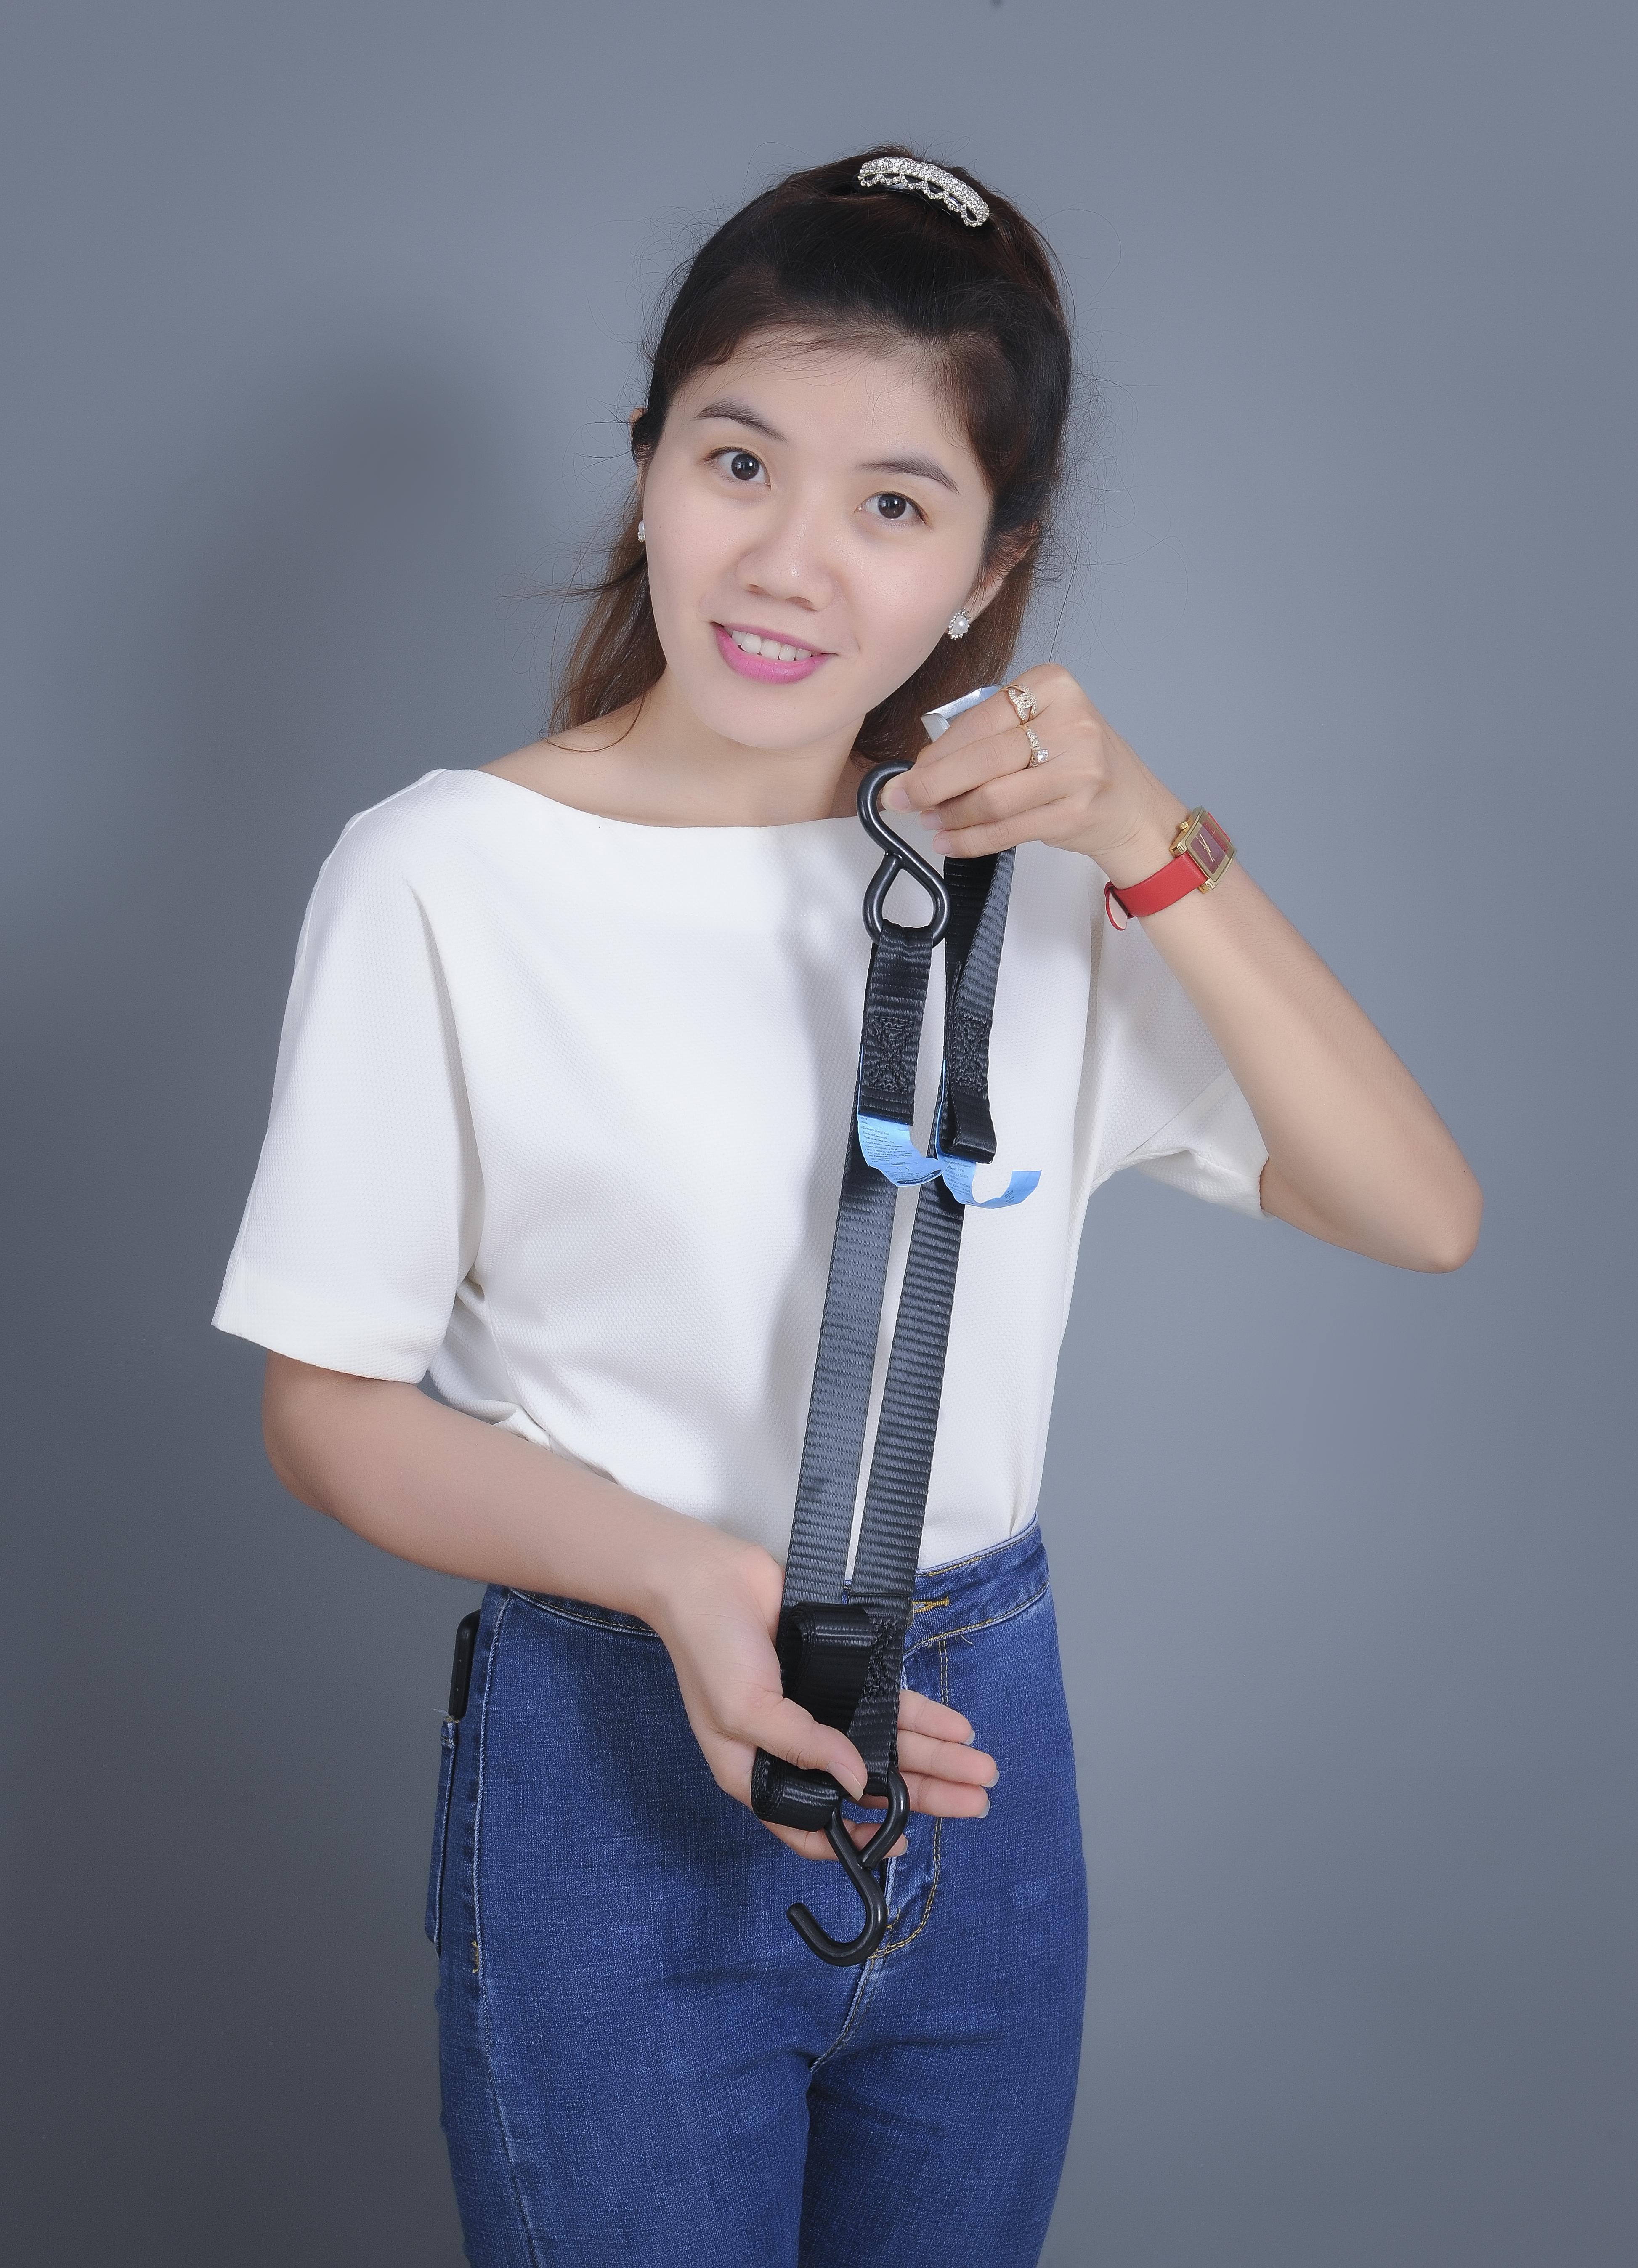 Ms. Hue Le